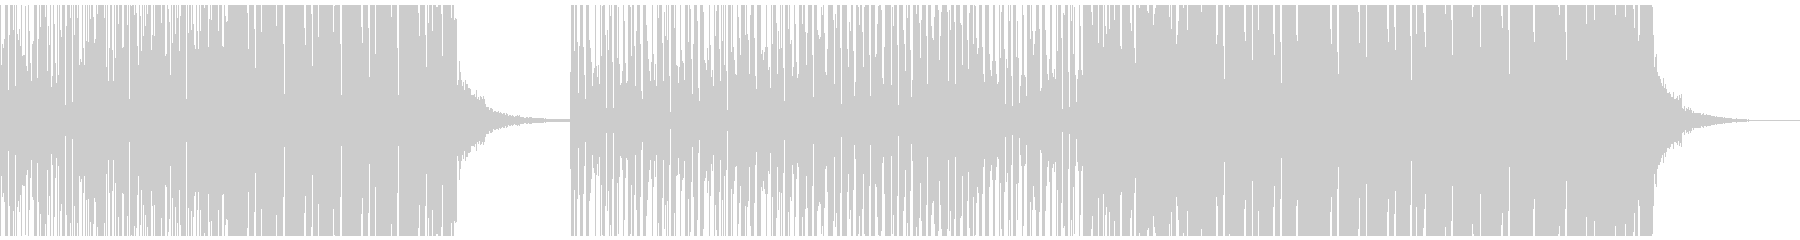 カッコイイEDMフューチャートランスの未再生の波形